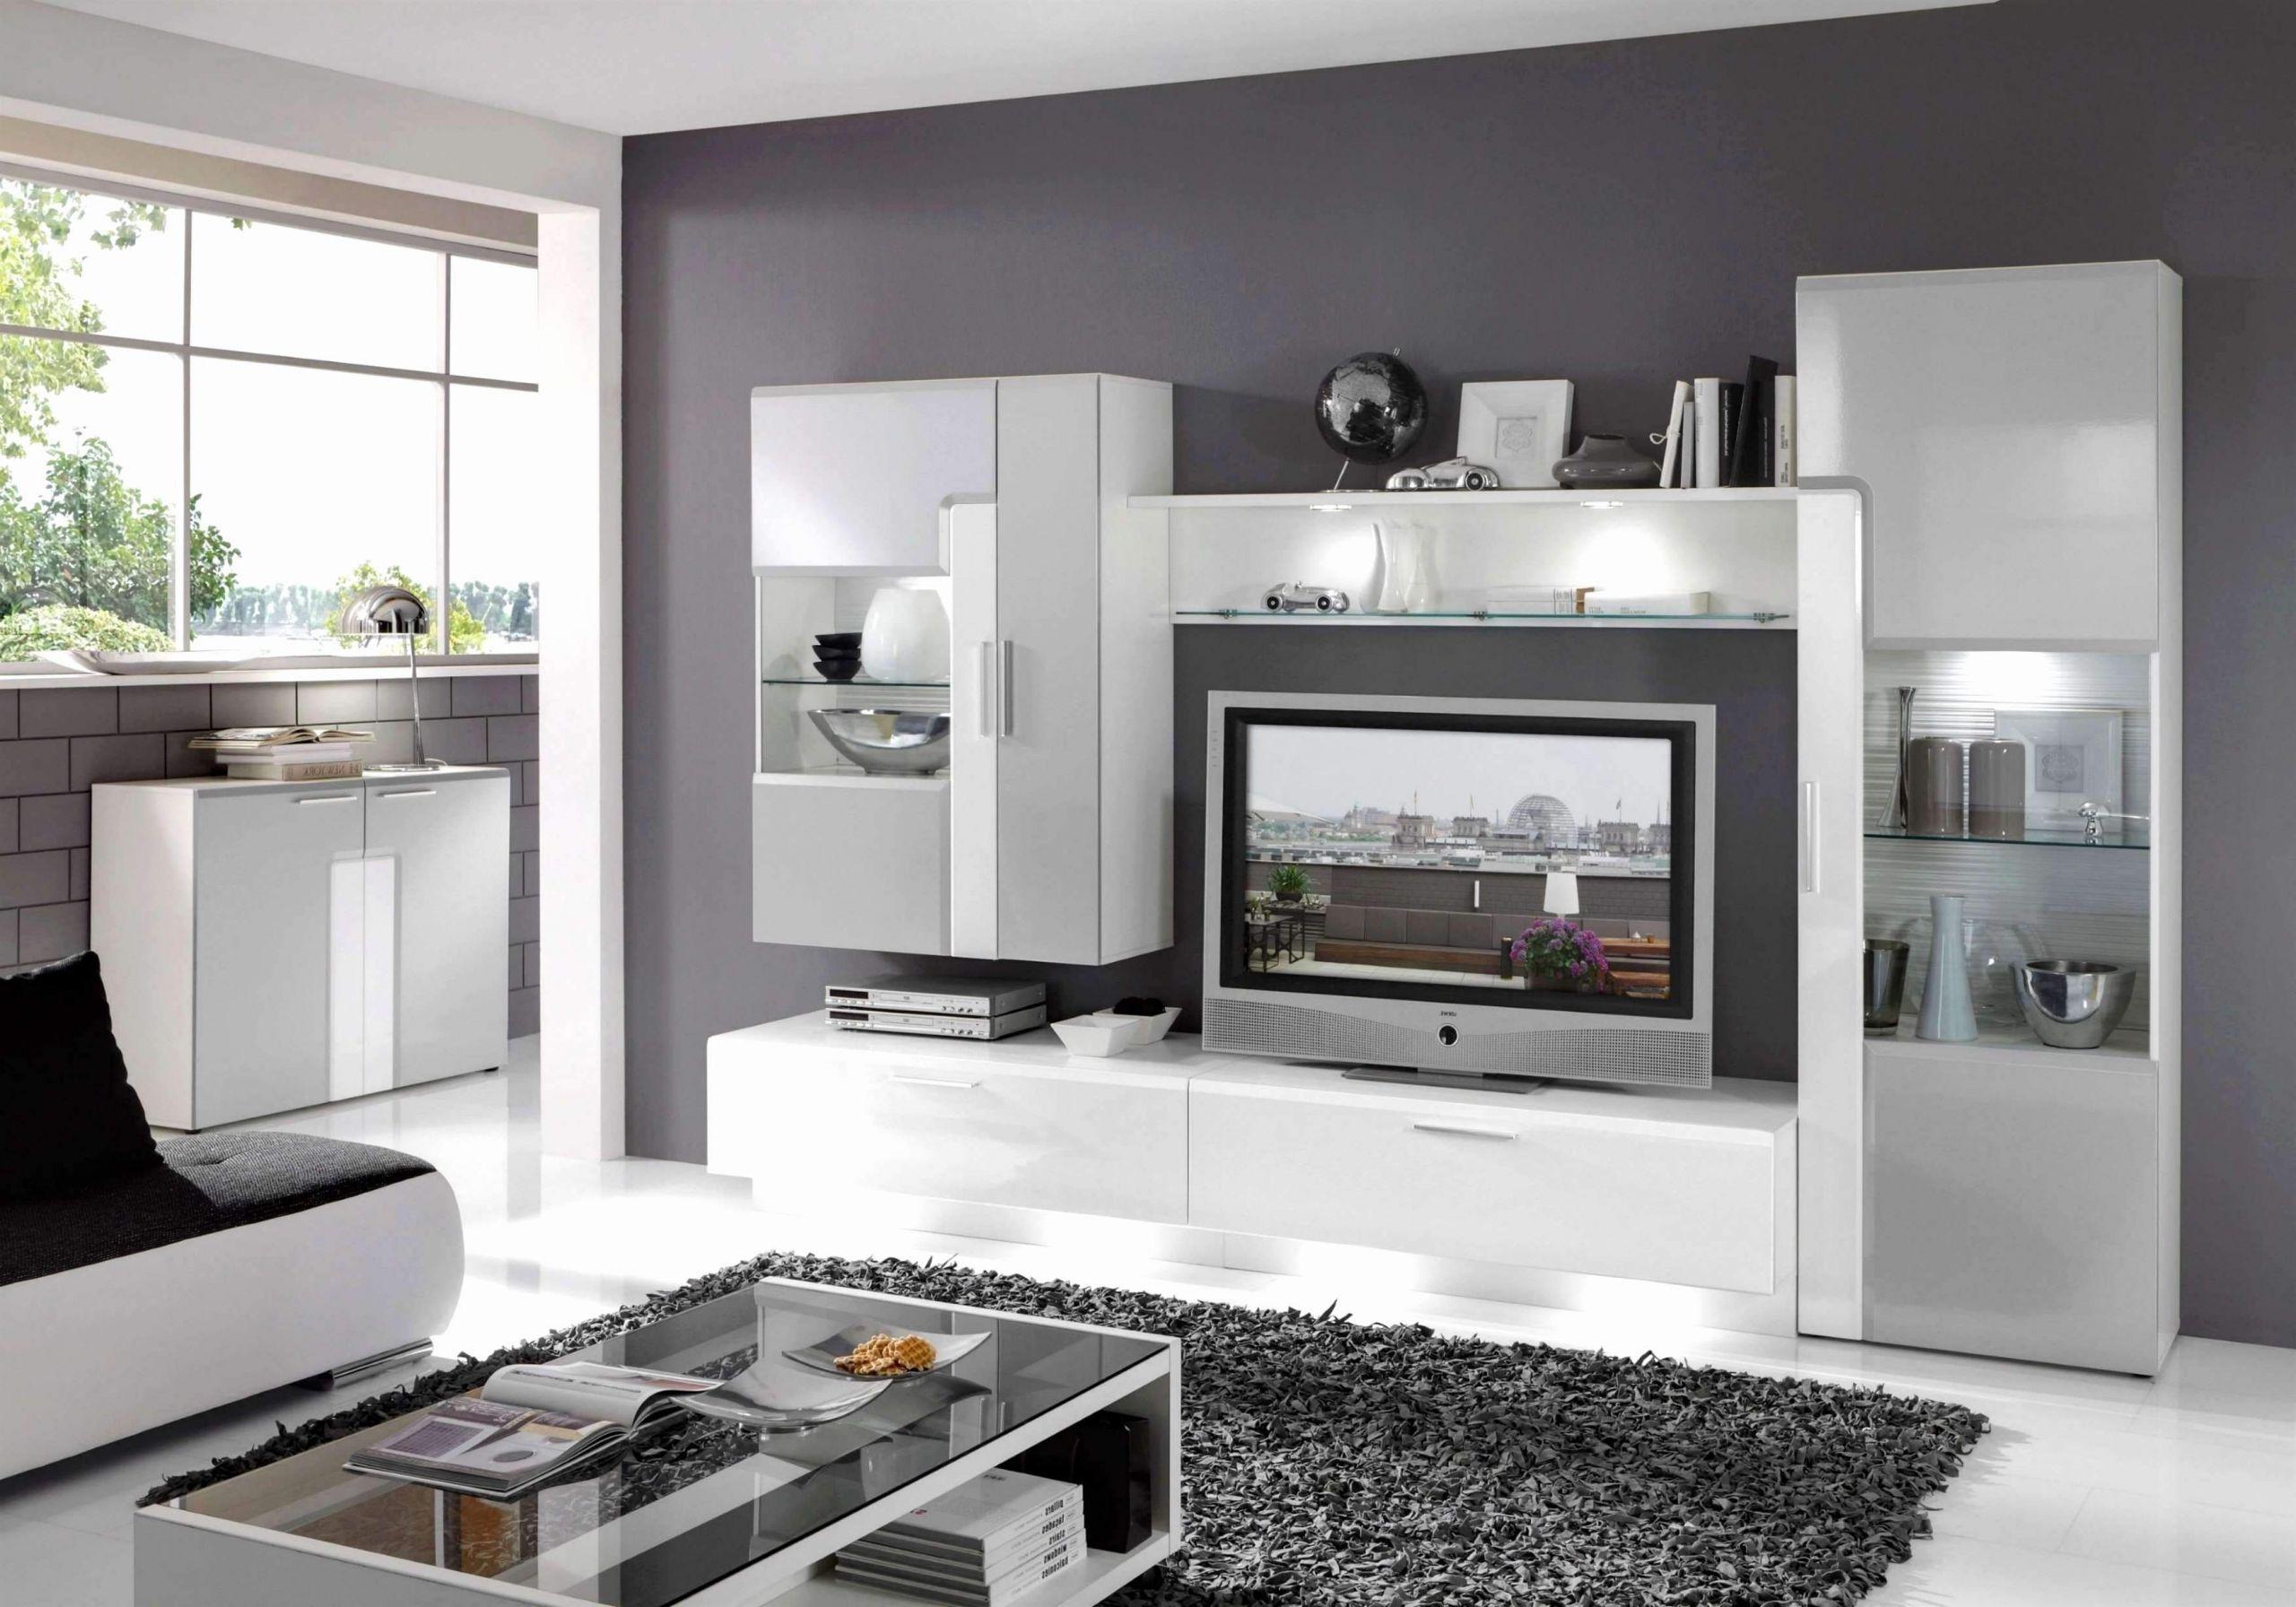 steinteppich wohnzimmer luxus wandfarbe wohnzimmer reizend 45 genial wohnzimmer wanddeko of steinteppich wohnzimmer